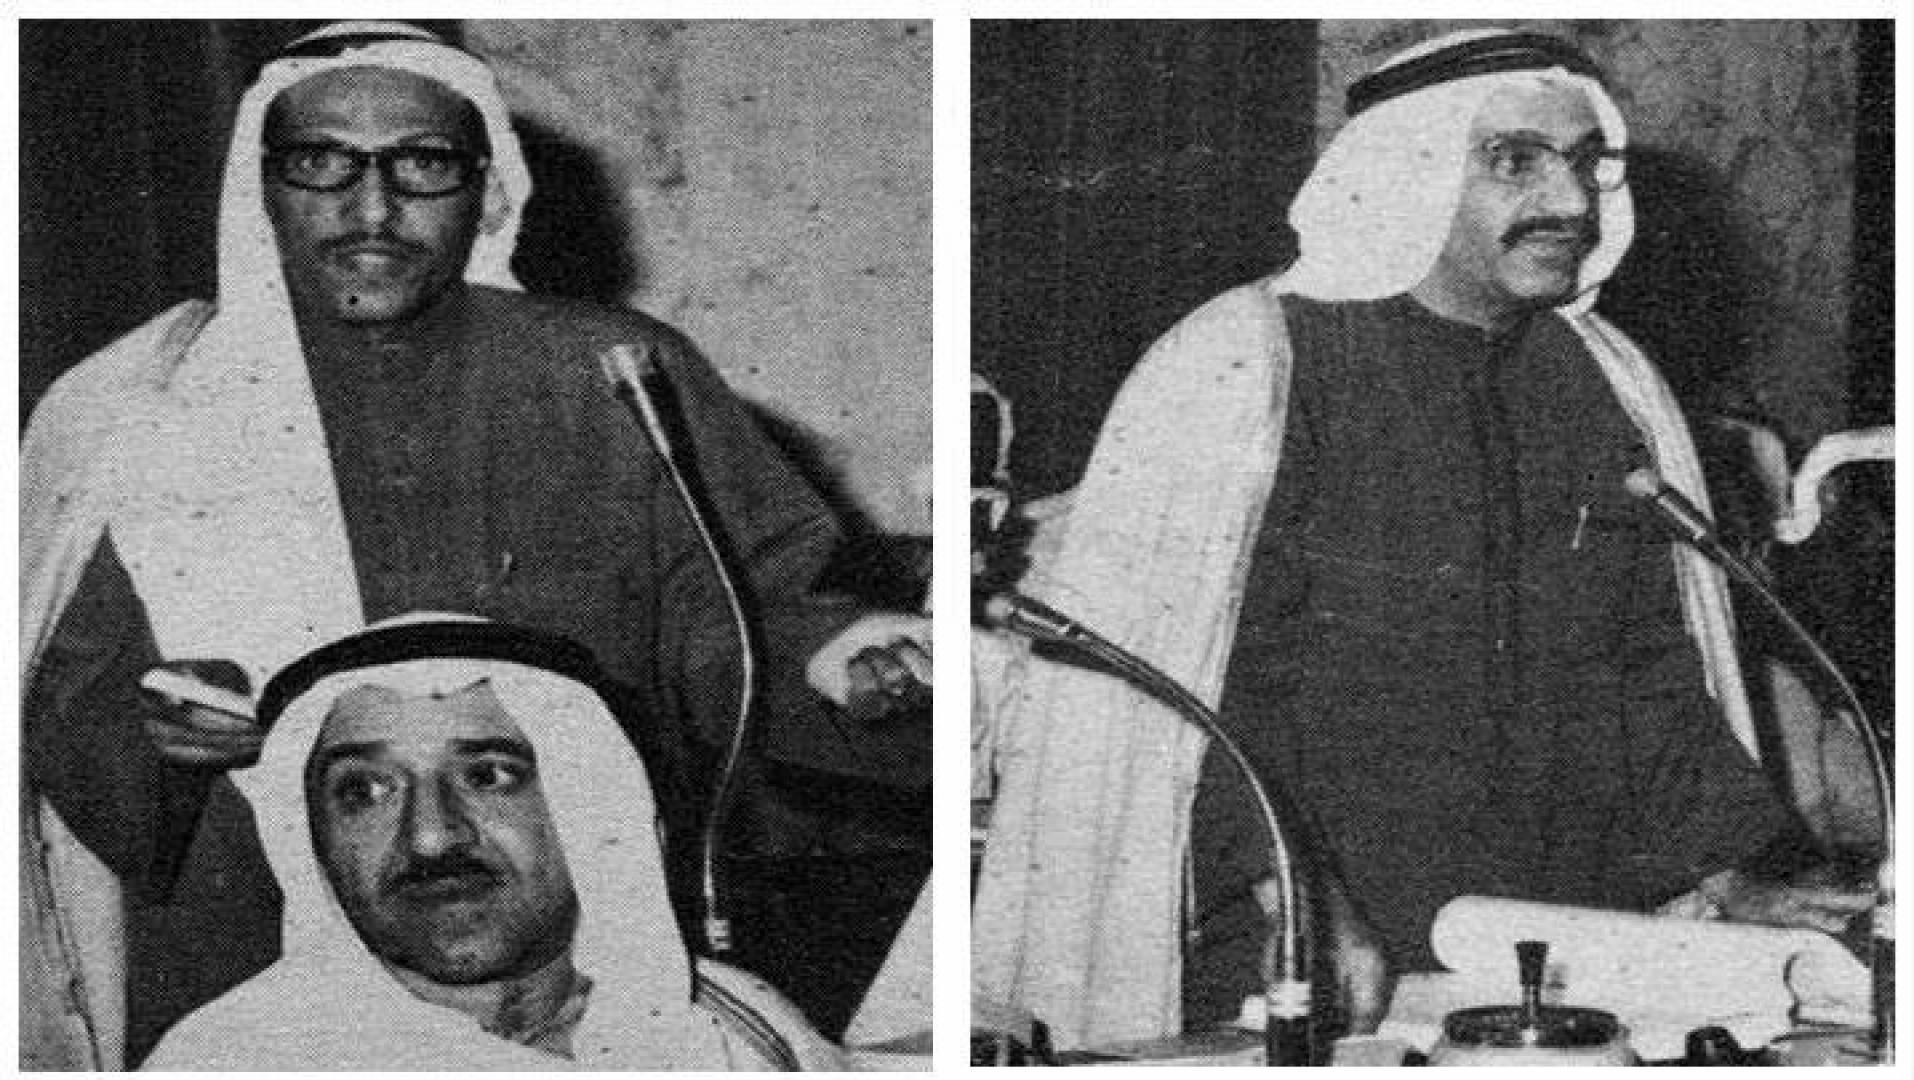 على اليمين عبدالرحمن العتيقي، ثم غنام الجمهور.. أرشيفية